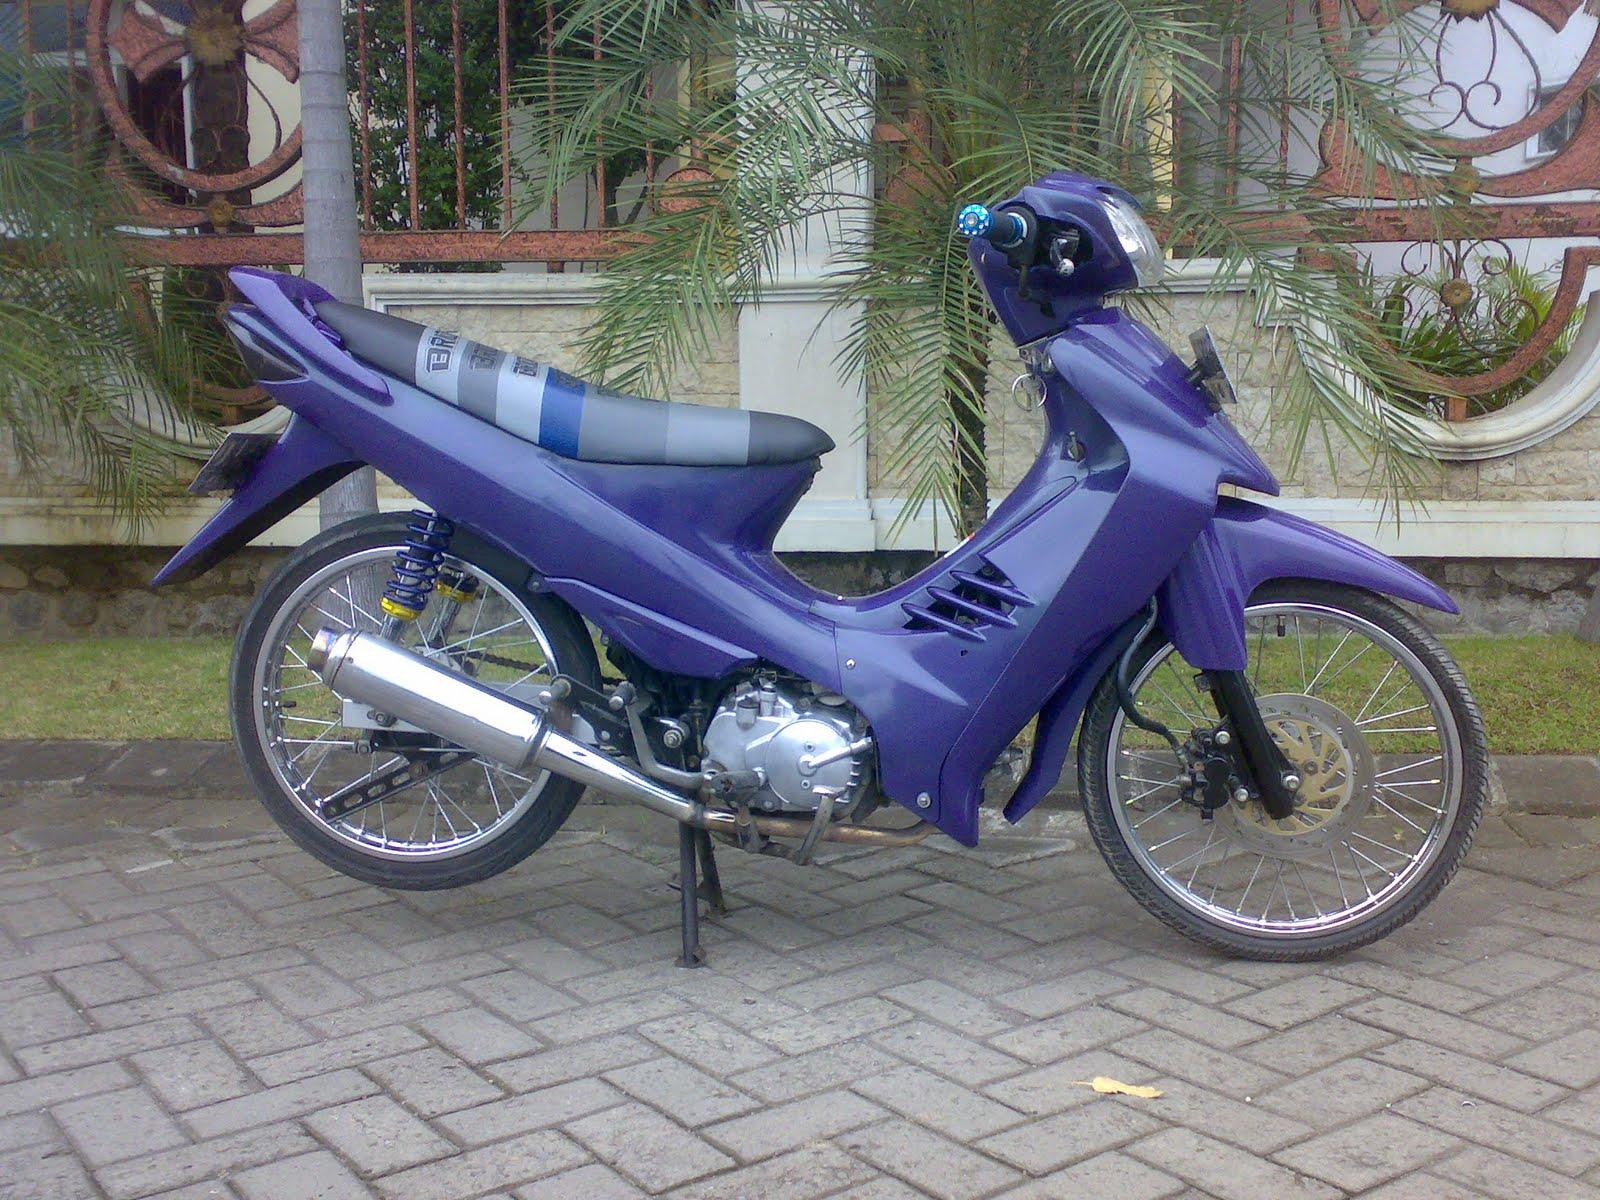 Modifikasi Motor Radak Keren Shogun Cliquers